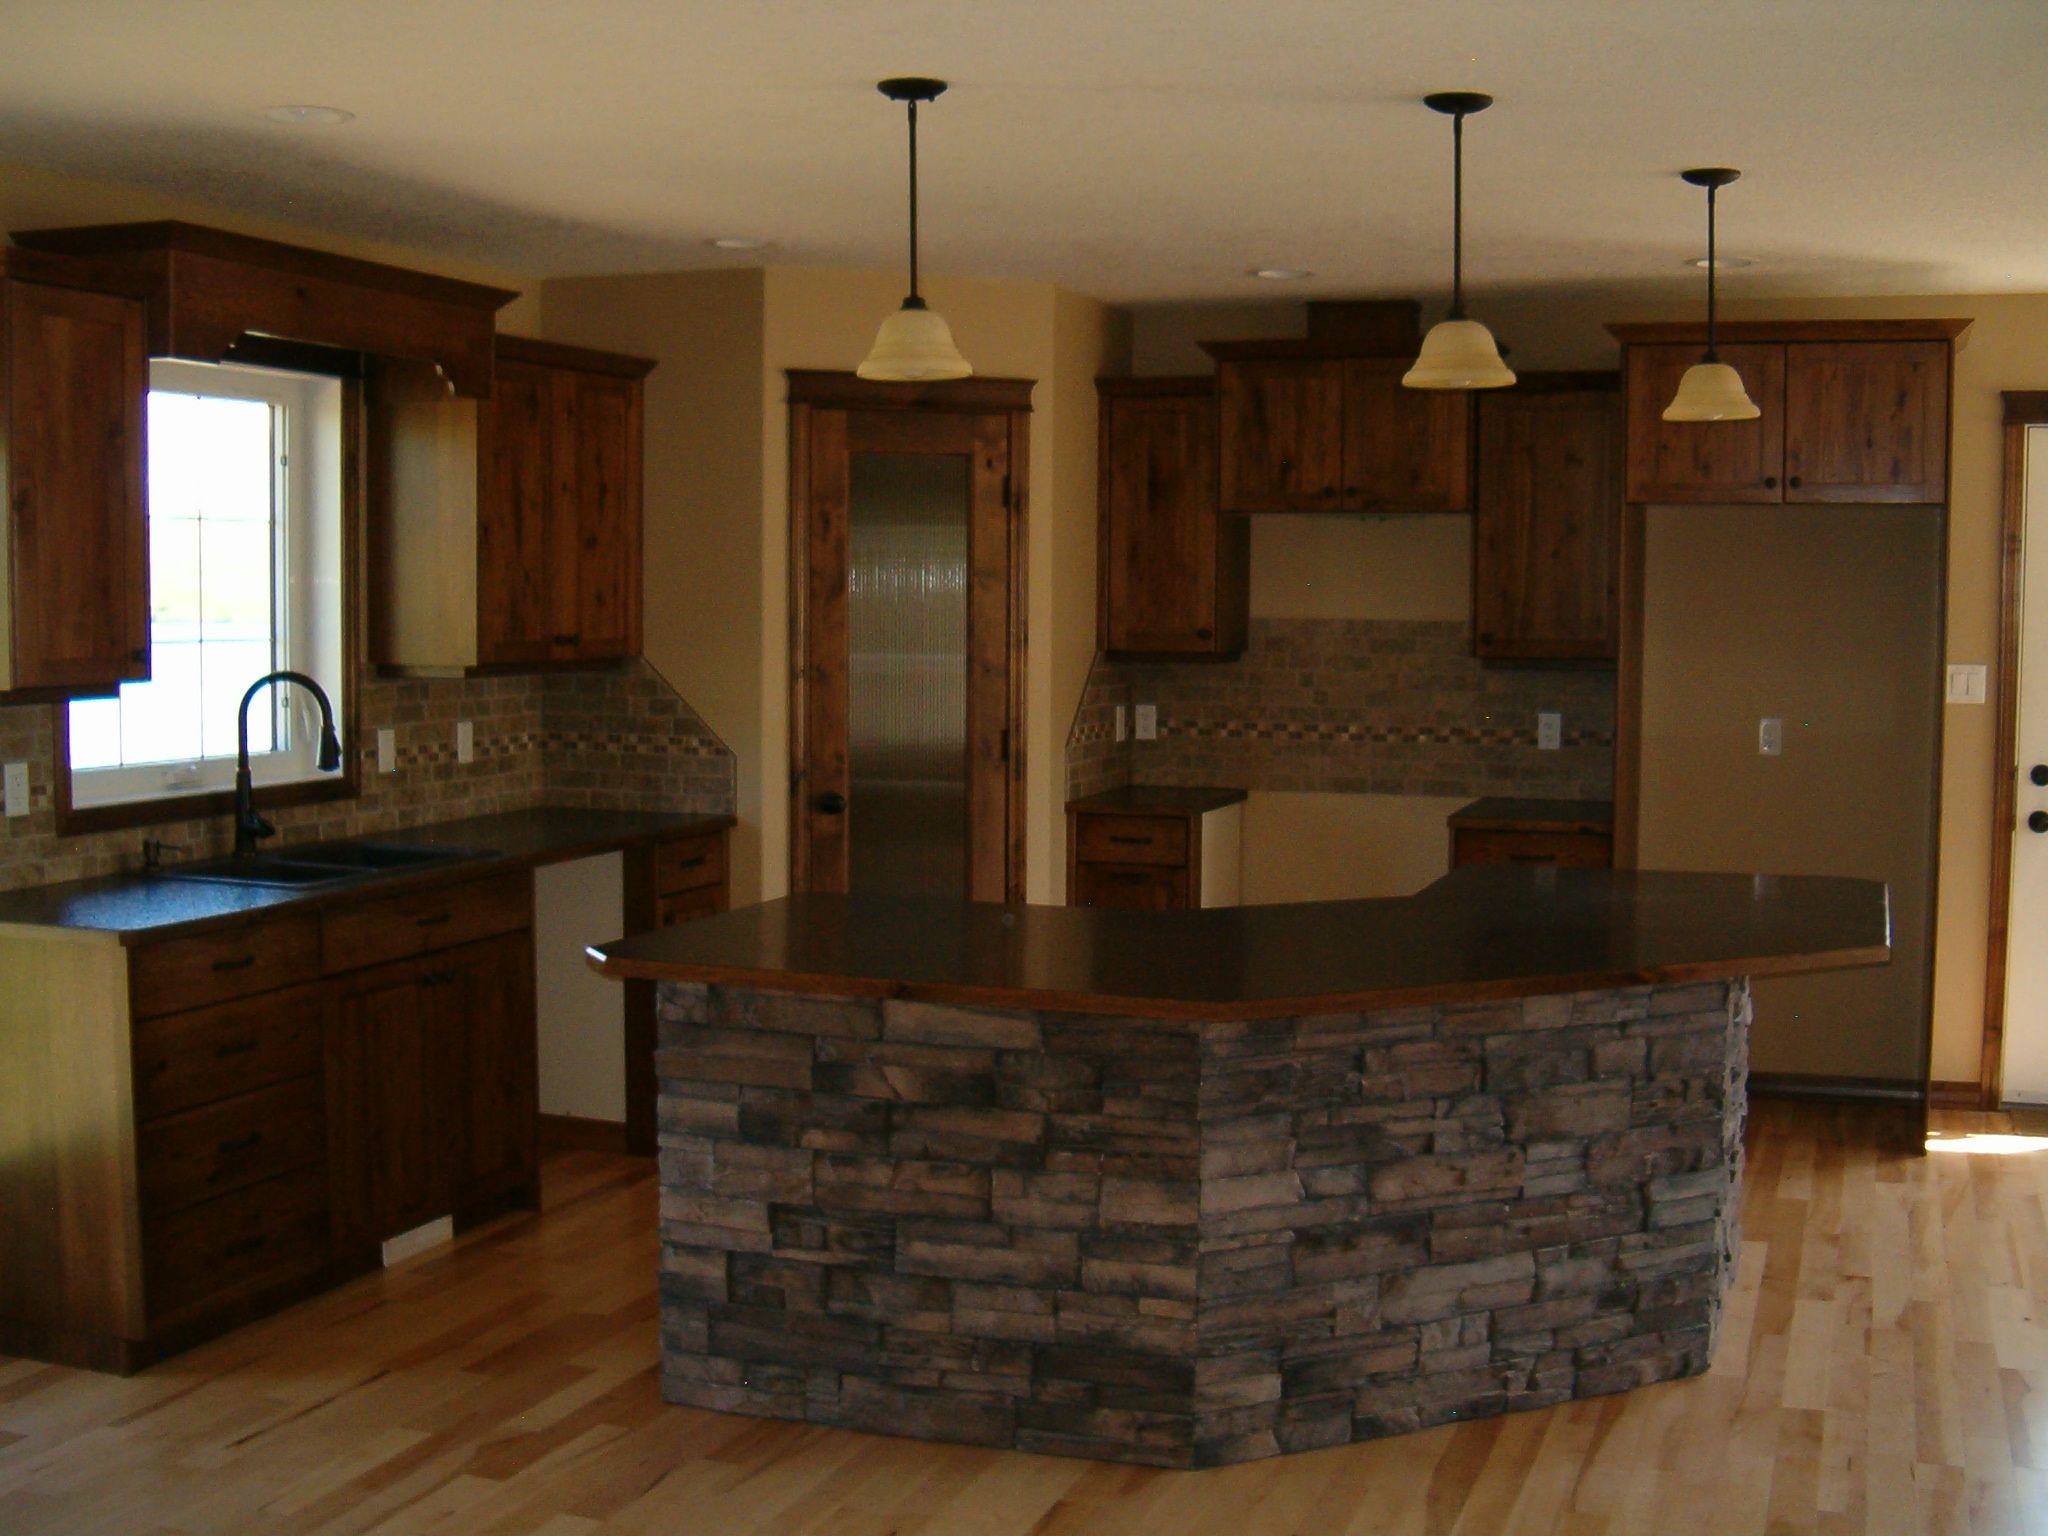 Knotty Alder Kitchen With Cultured Stone On Island Kitchen